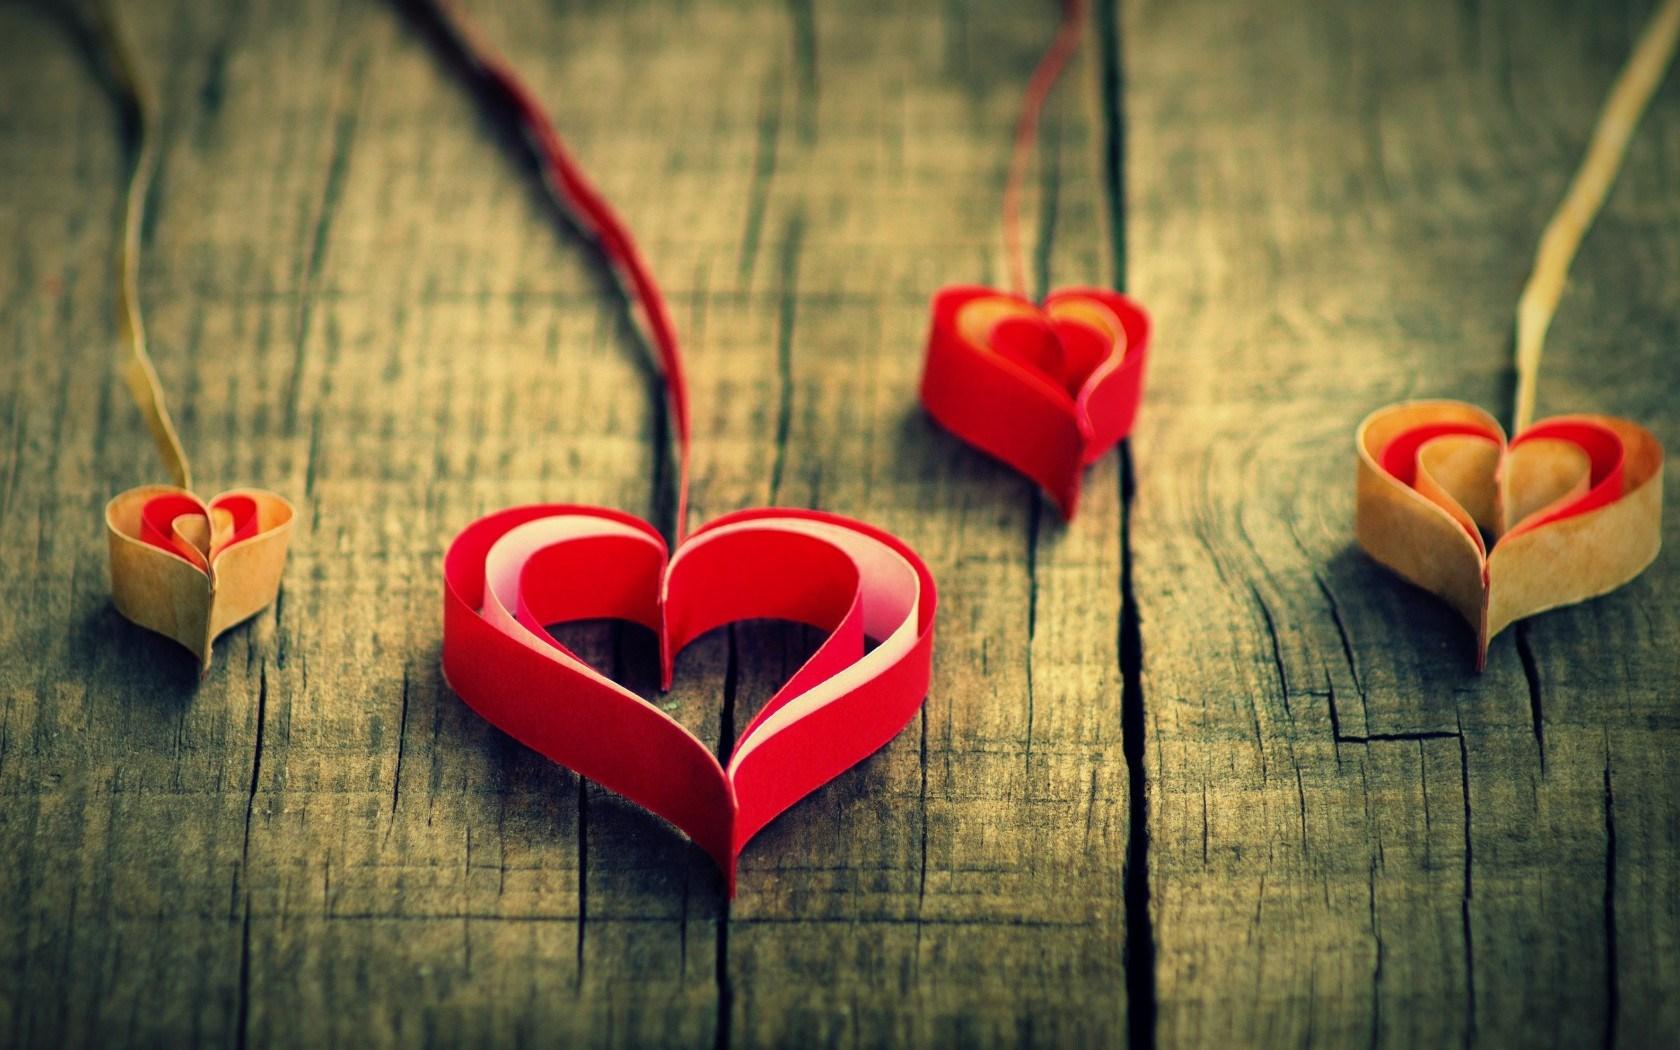 بالصور الفرق بين الحب والعشق , فرق بين الحب والعشق 5757 6